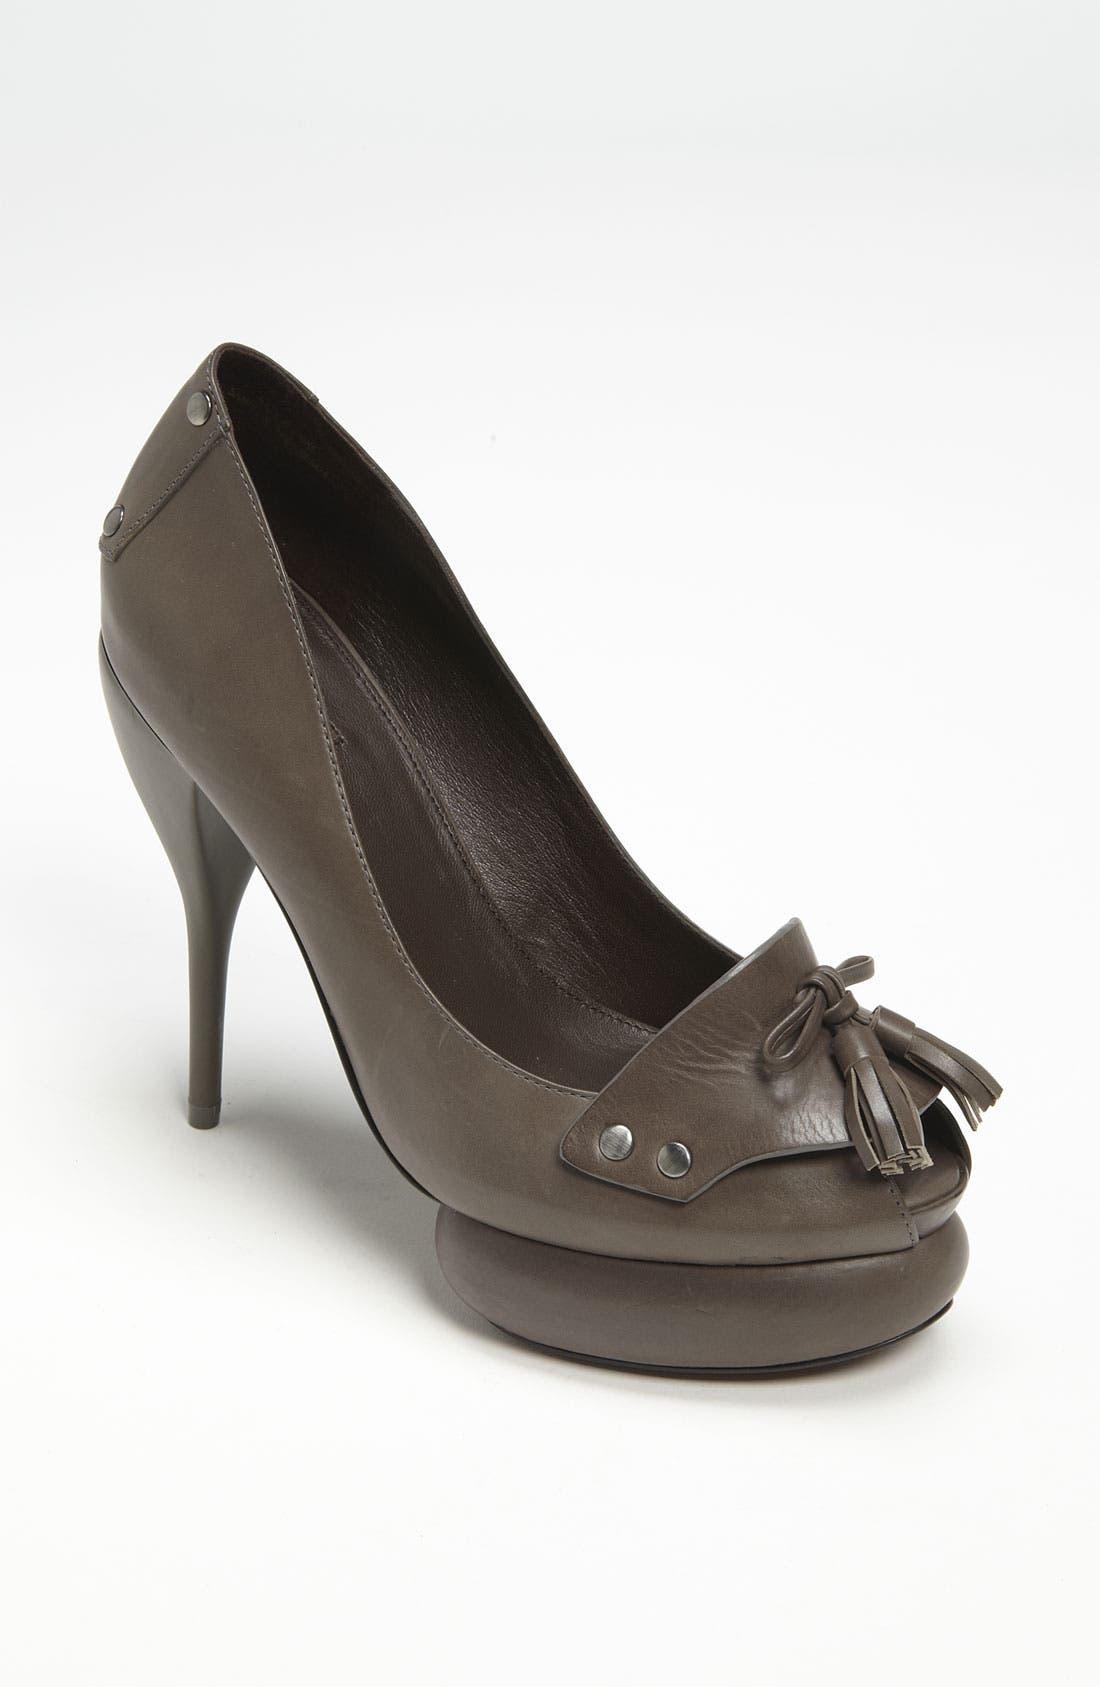 Alternate Image 1 Selected - Vera Wang Footwear 'Corrinne' Pump